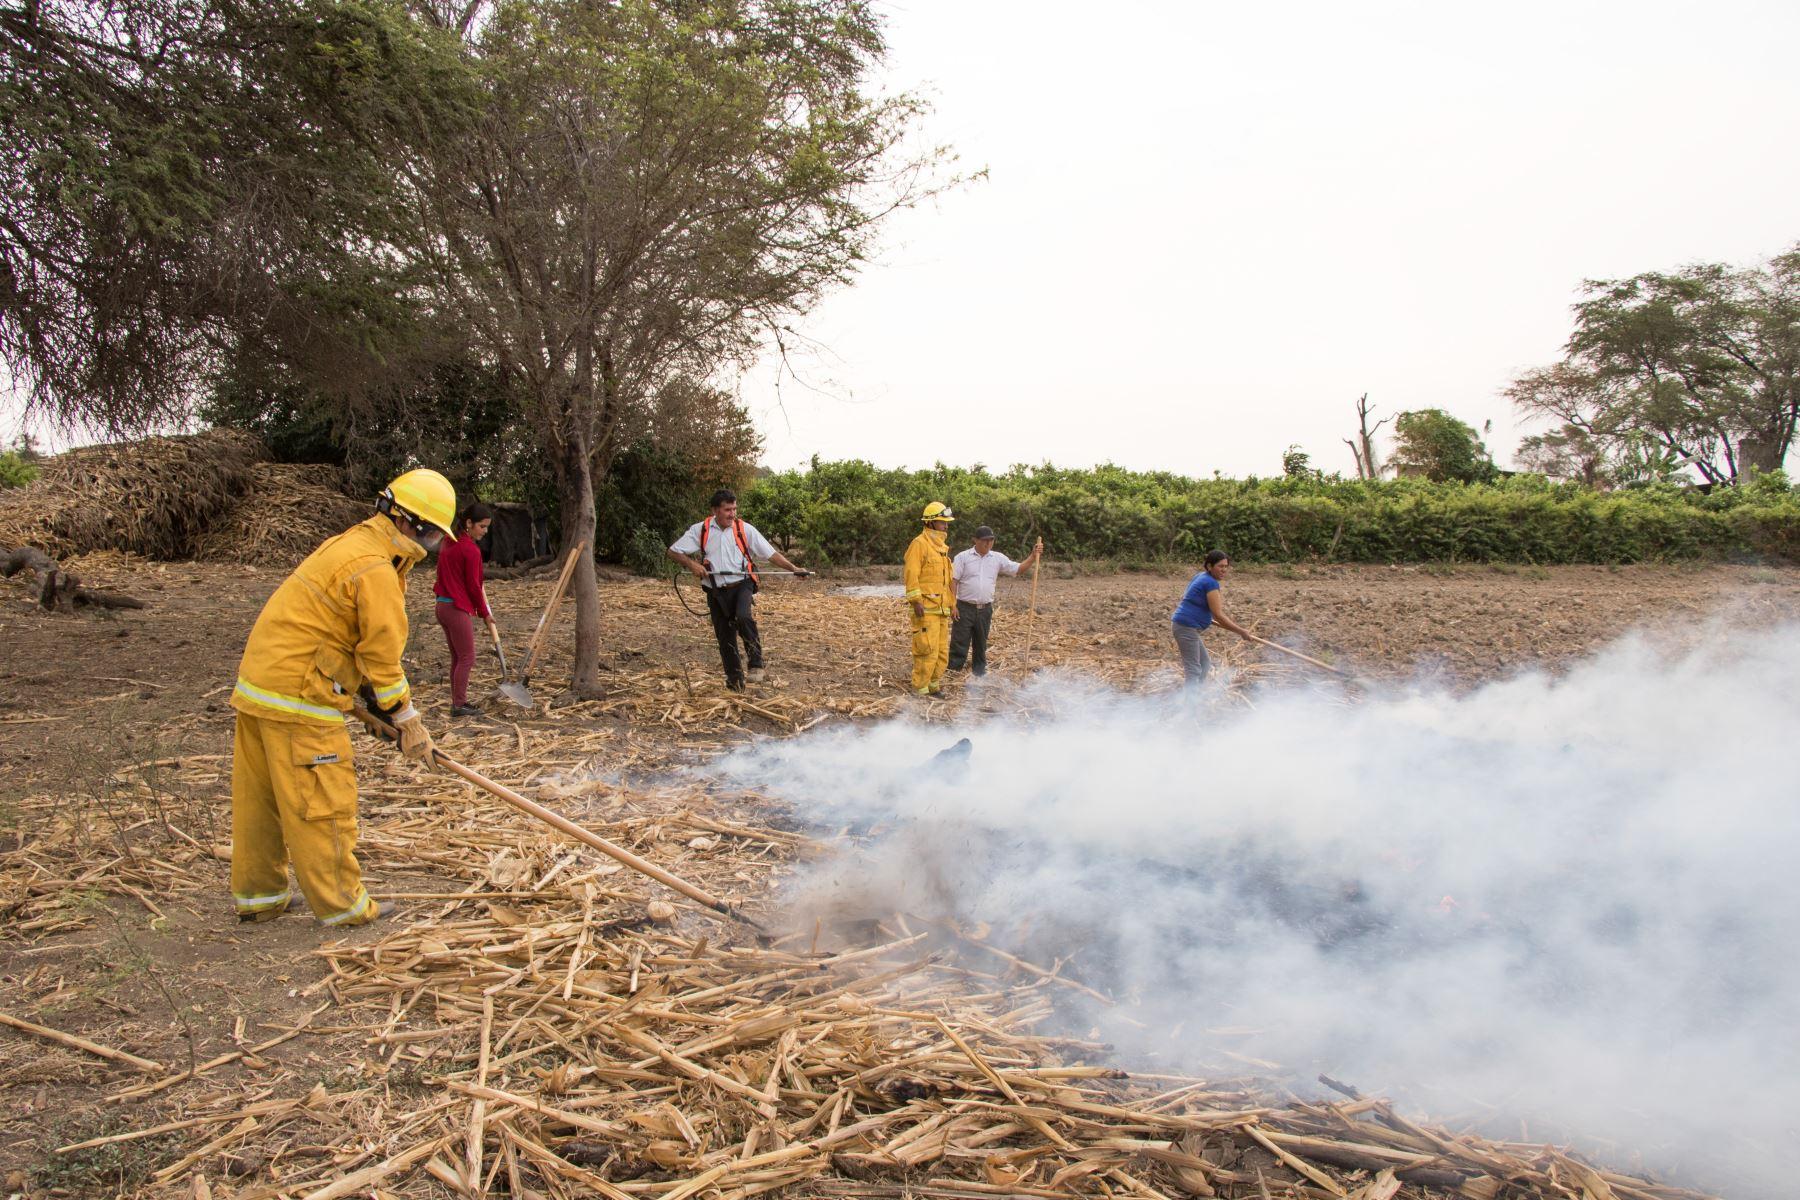 Santuario Histórico Bosque de Pómac tiene dos nuevas brigadas comunales para la atención de incendios forestales dentro y fuera del área natural protegida.